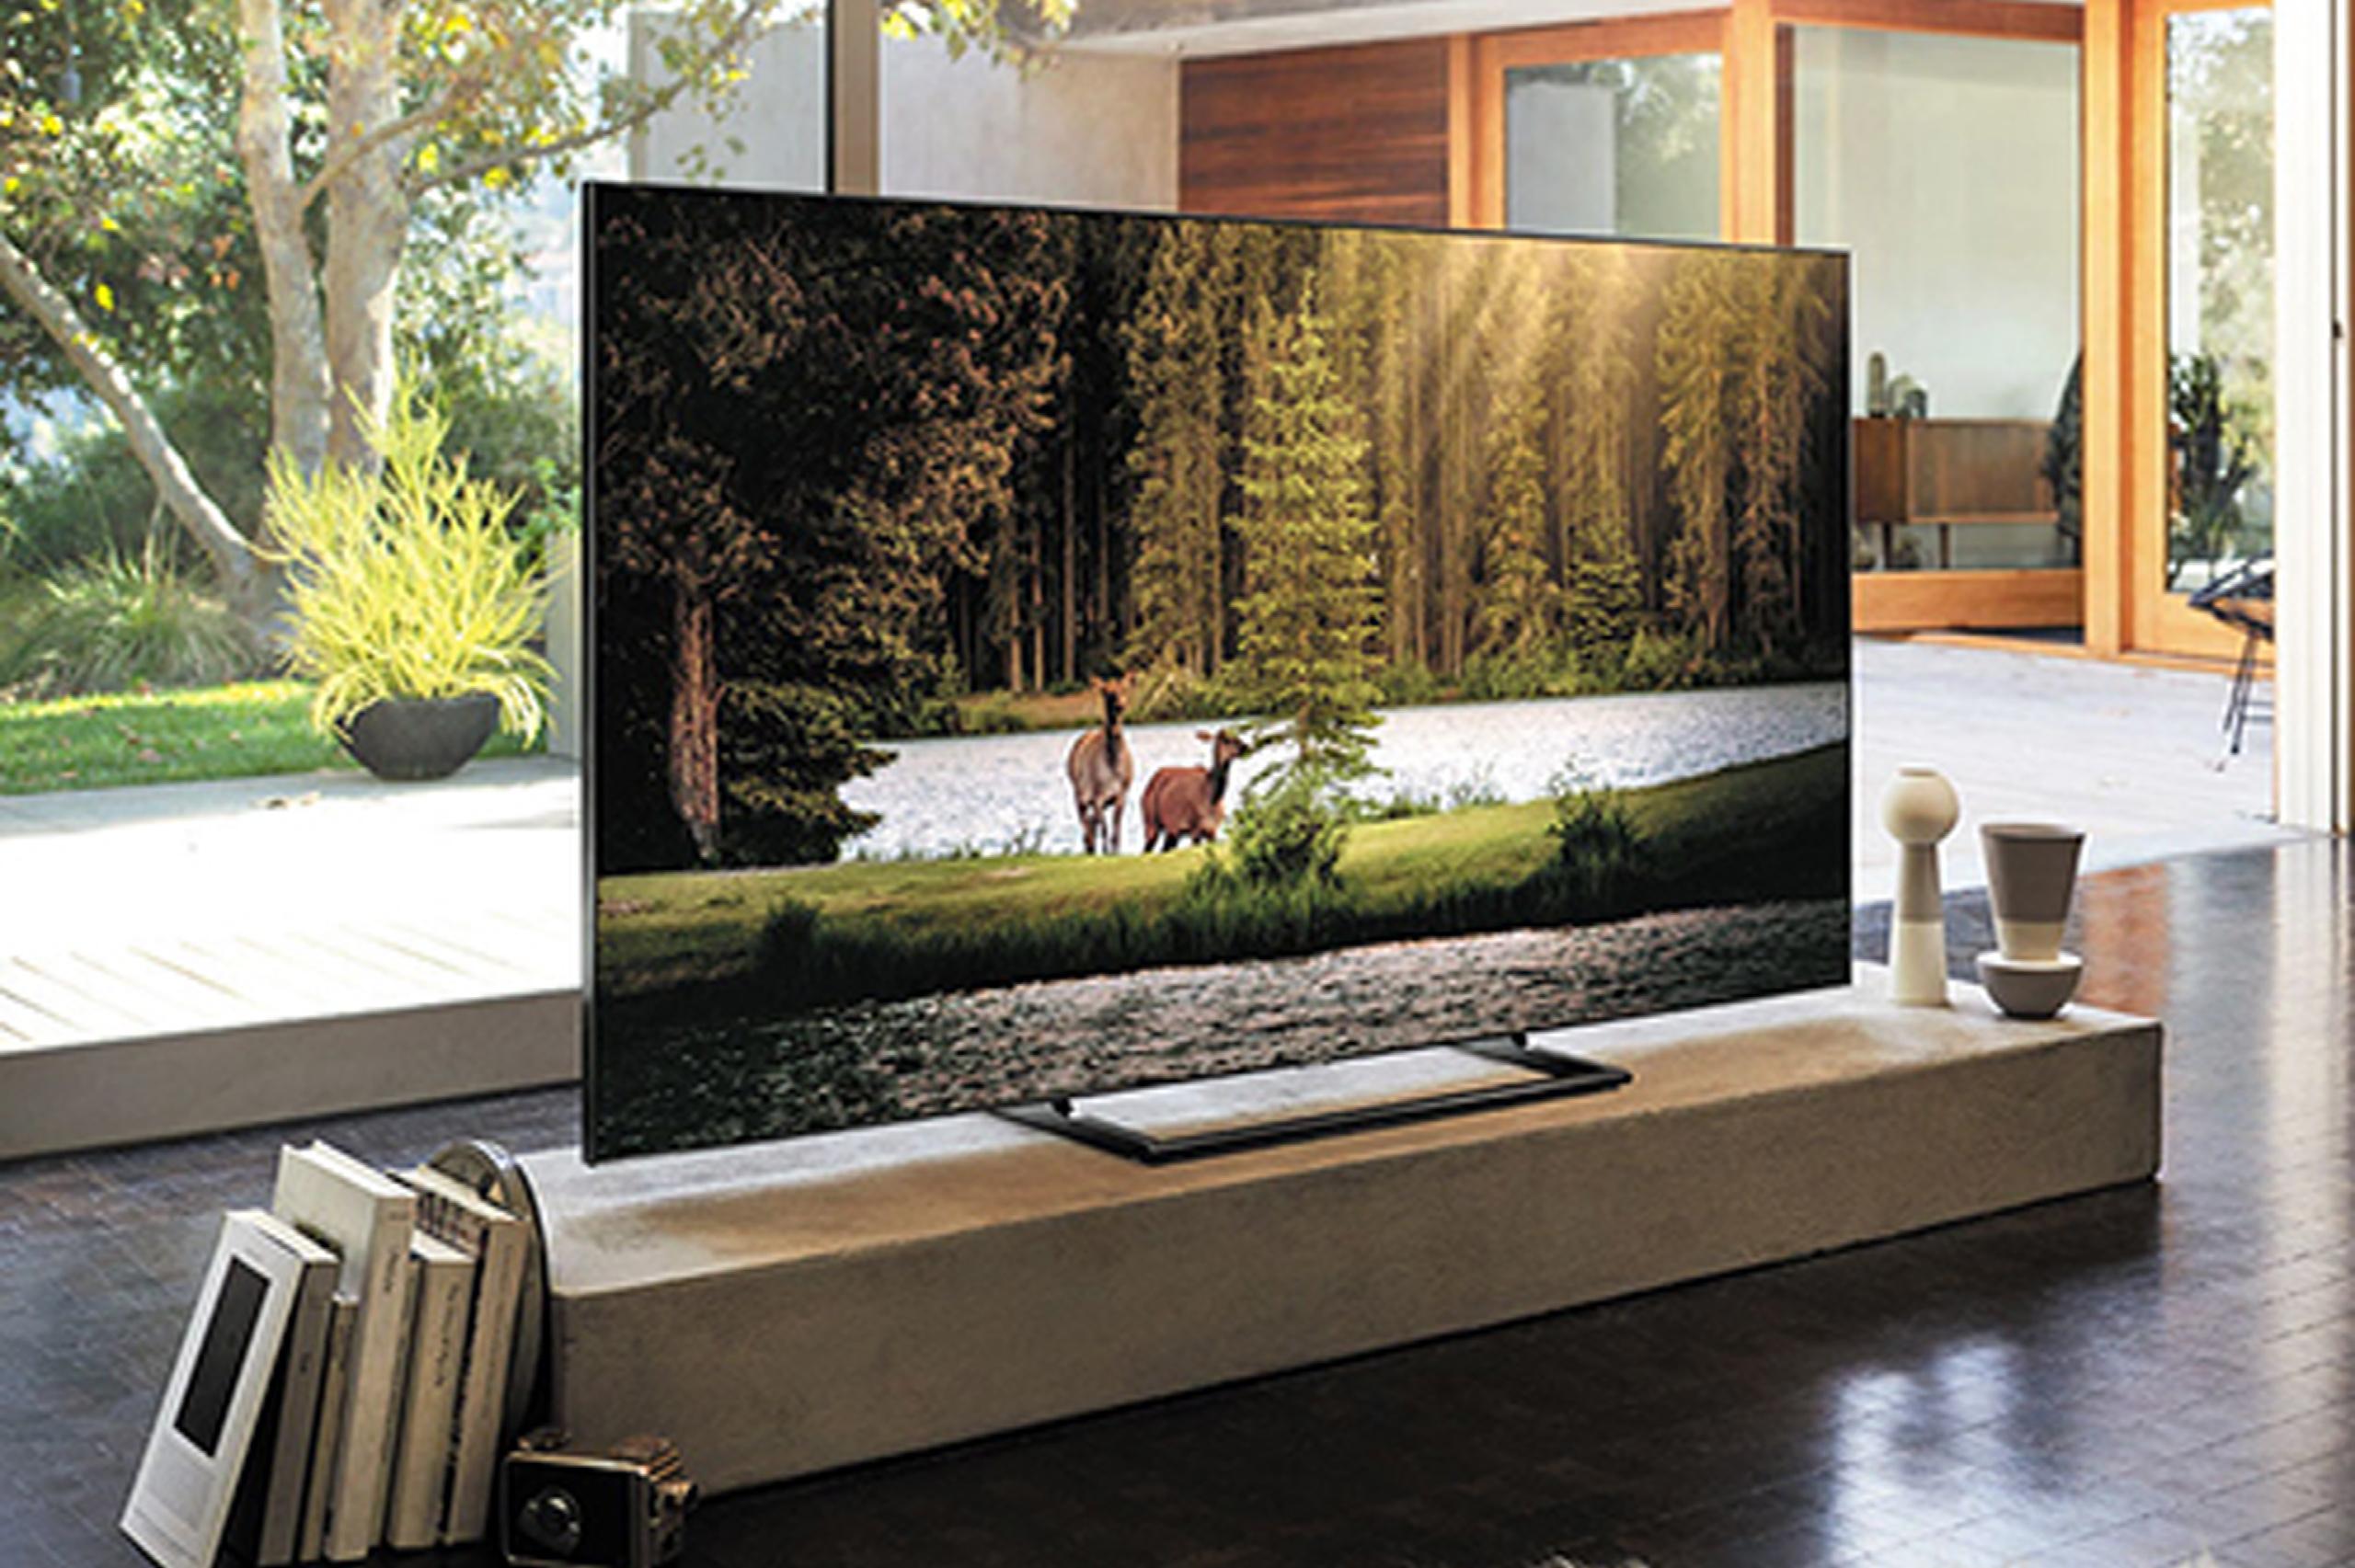 sony bravia xr x95j 4k hdr tv. www.sony-vietnam.com